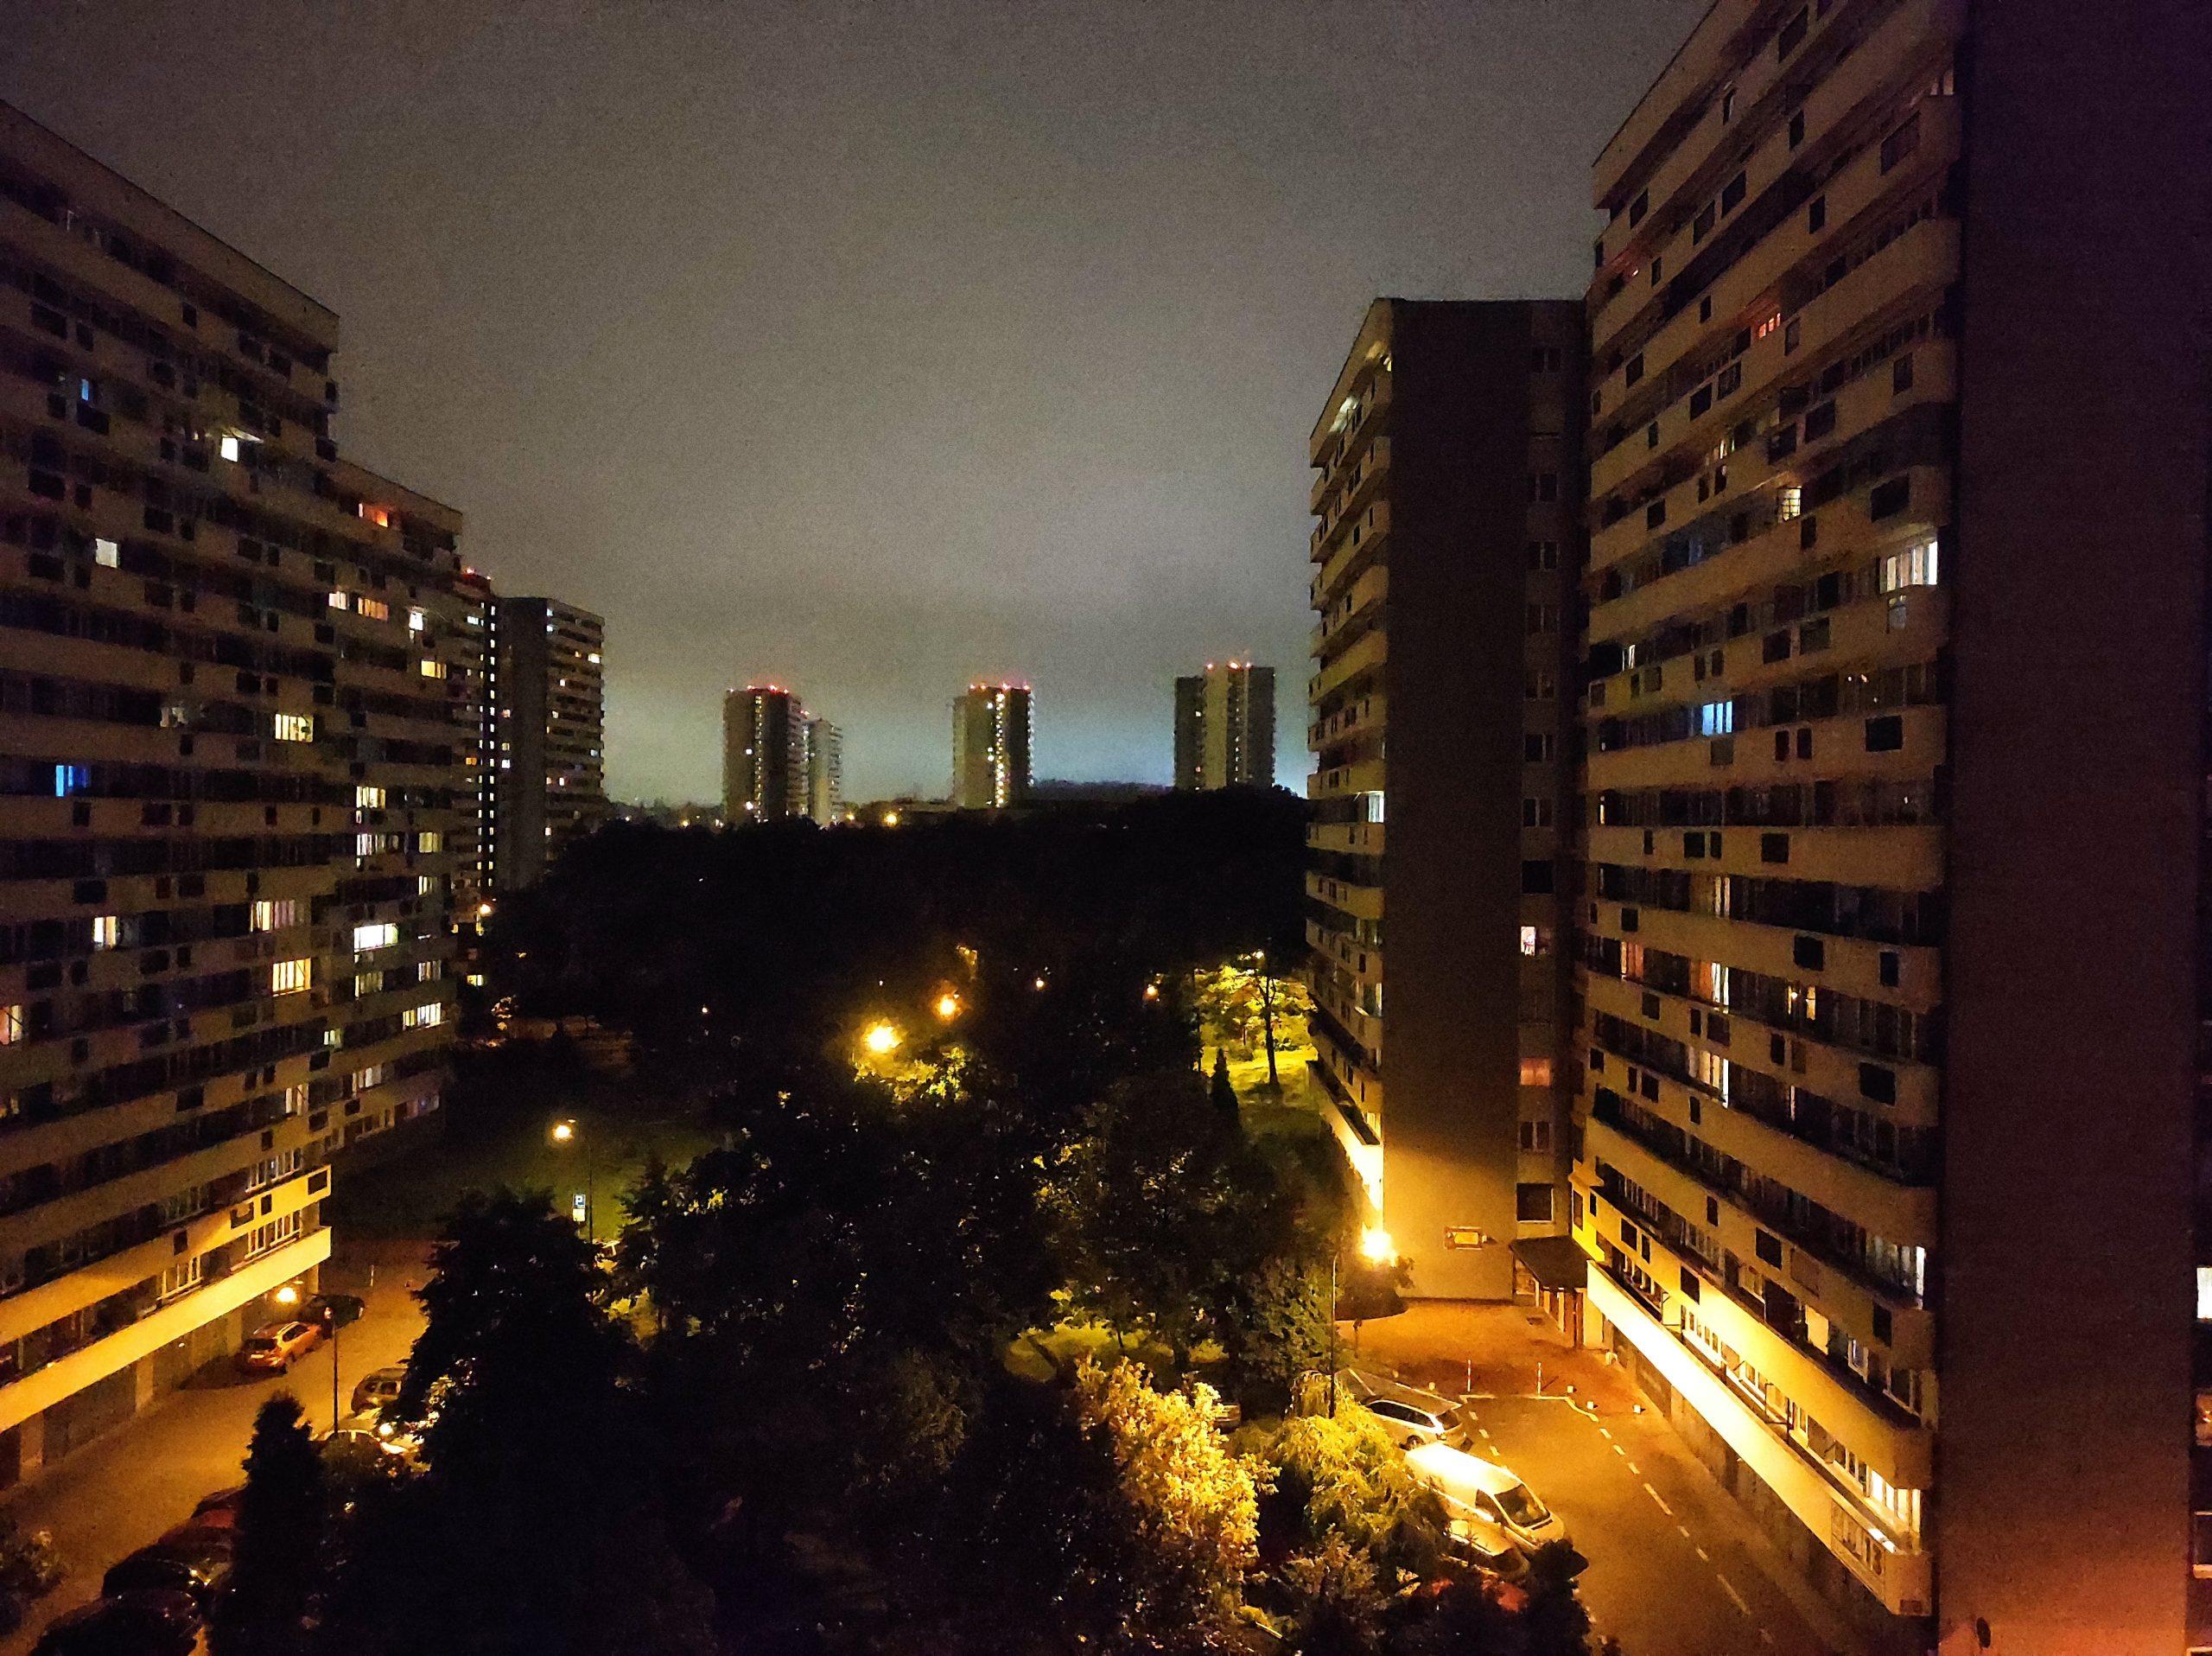 Zdjęcia nocne - Xiaomi Redmi Note 9 Pro